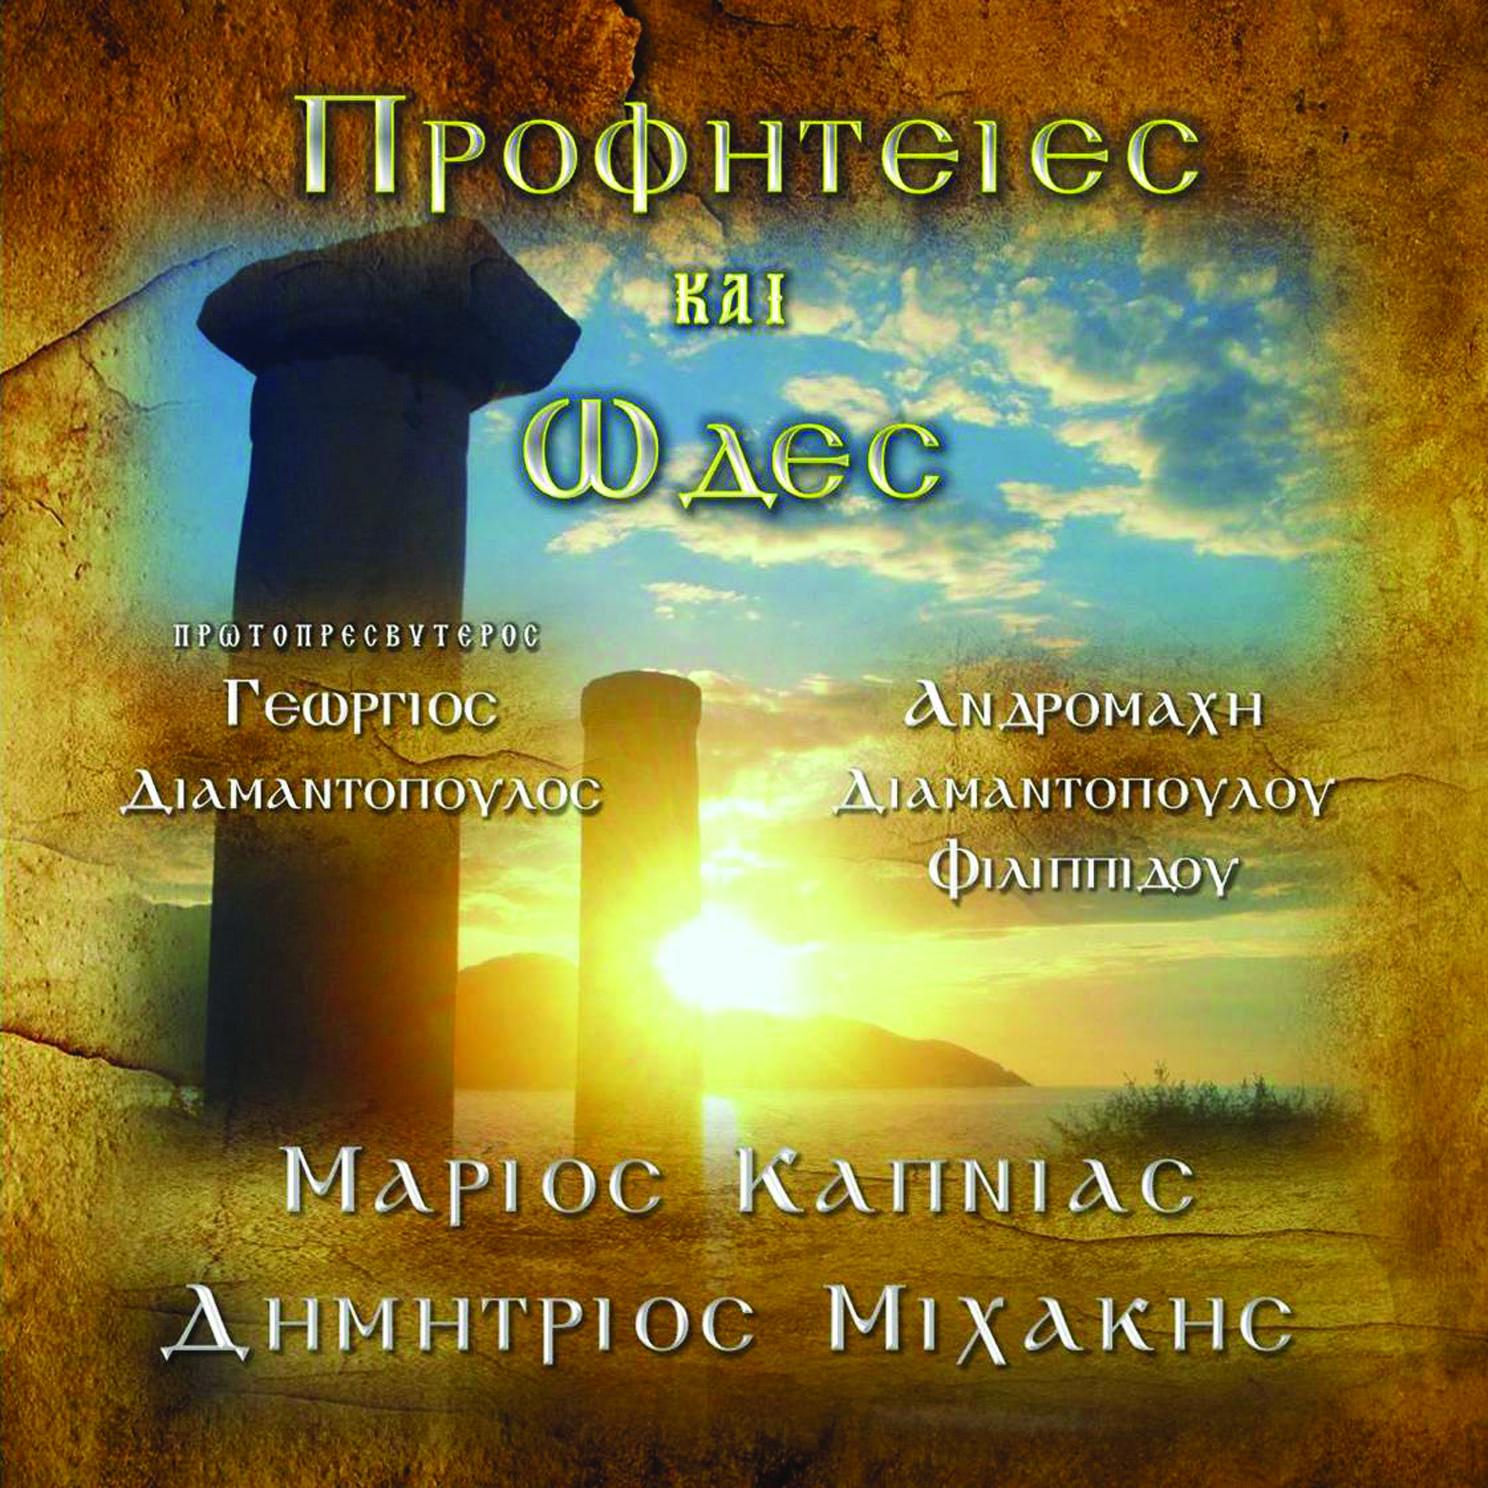 CD- Προφητείες και Ωδές